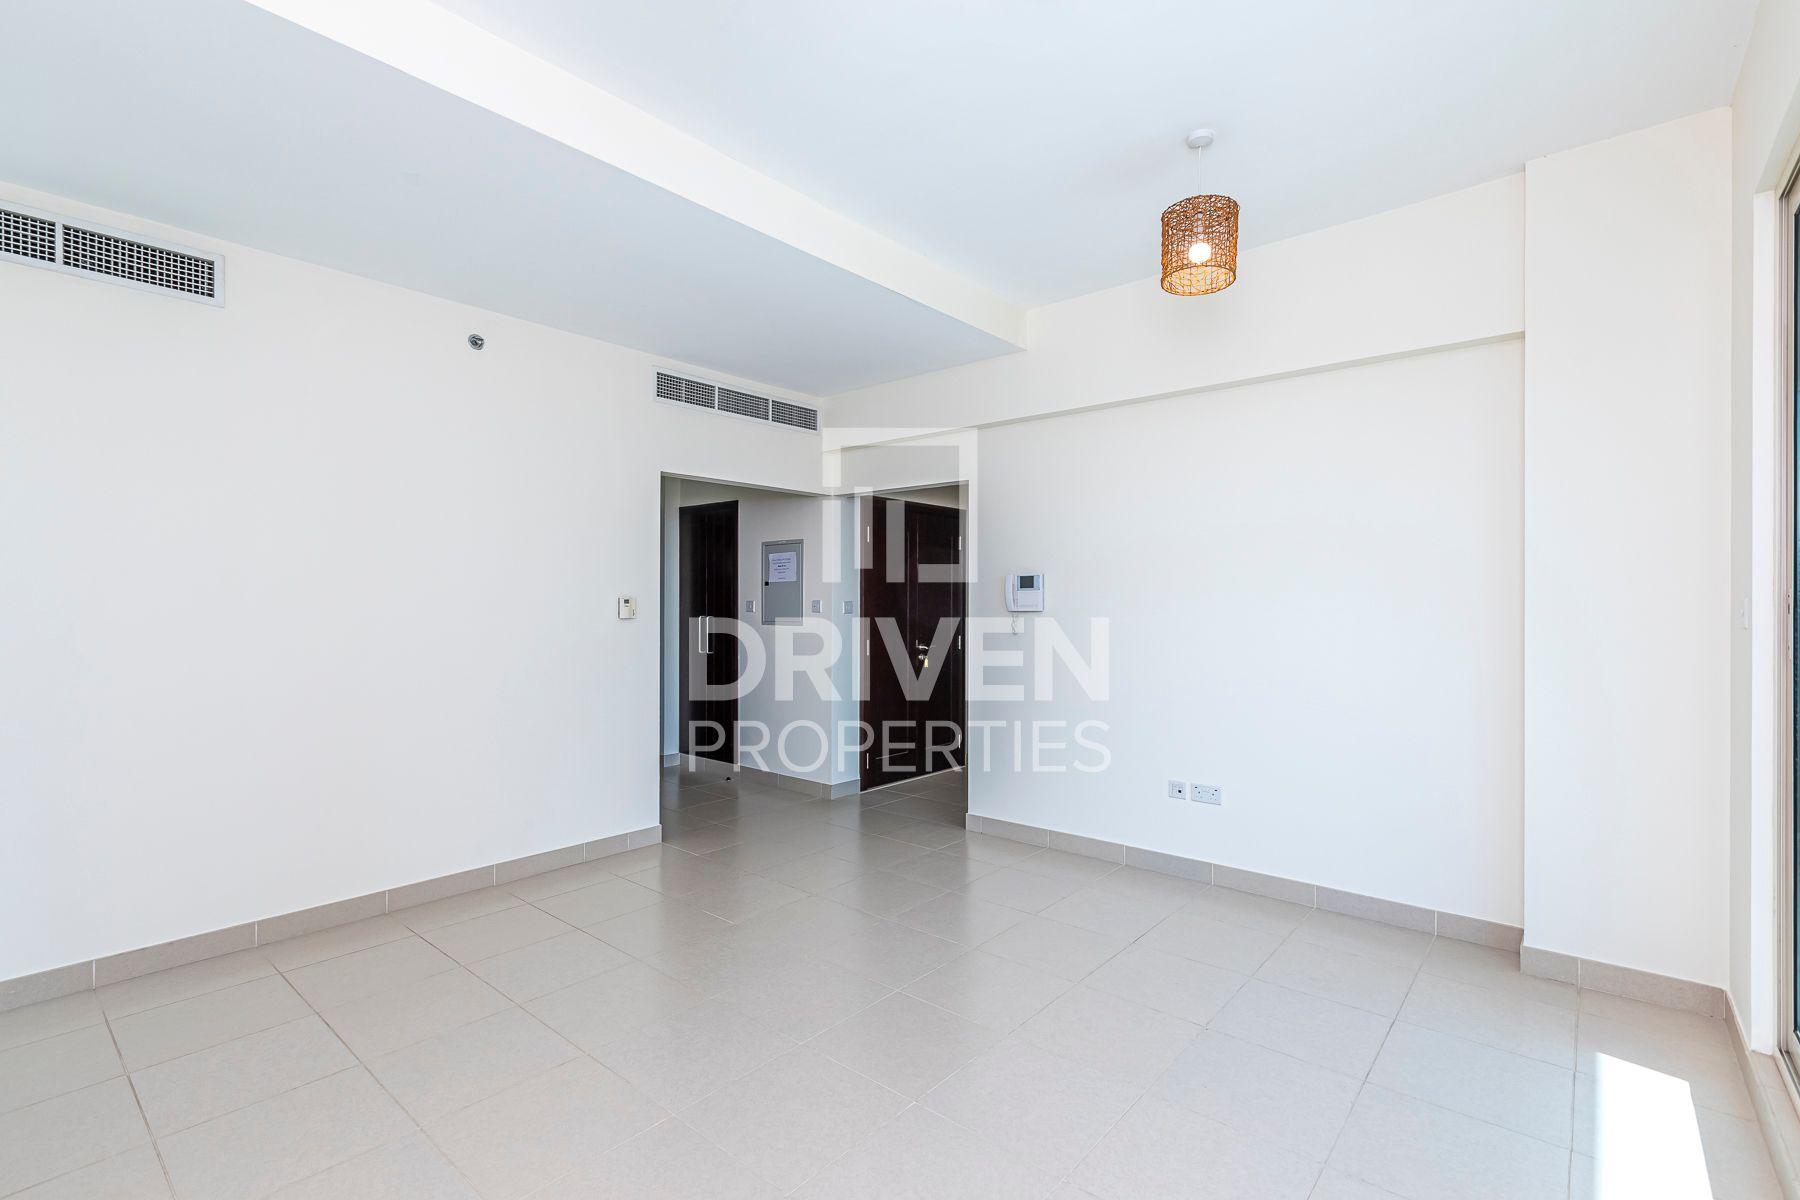 للايجار - شقة - تانارو - ذا فيوز